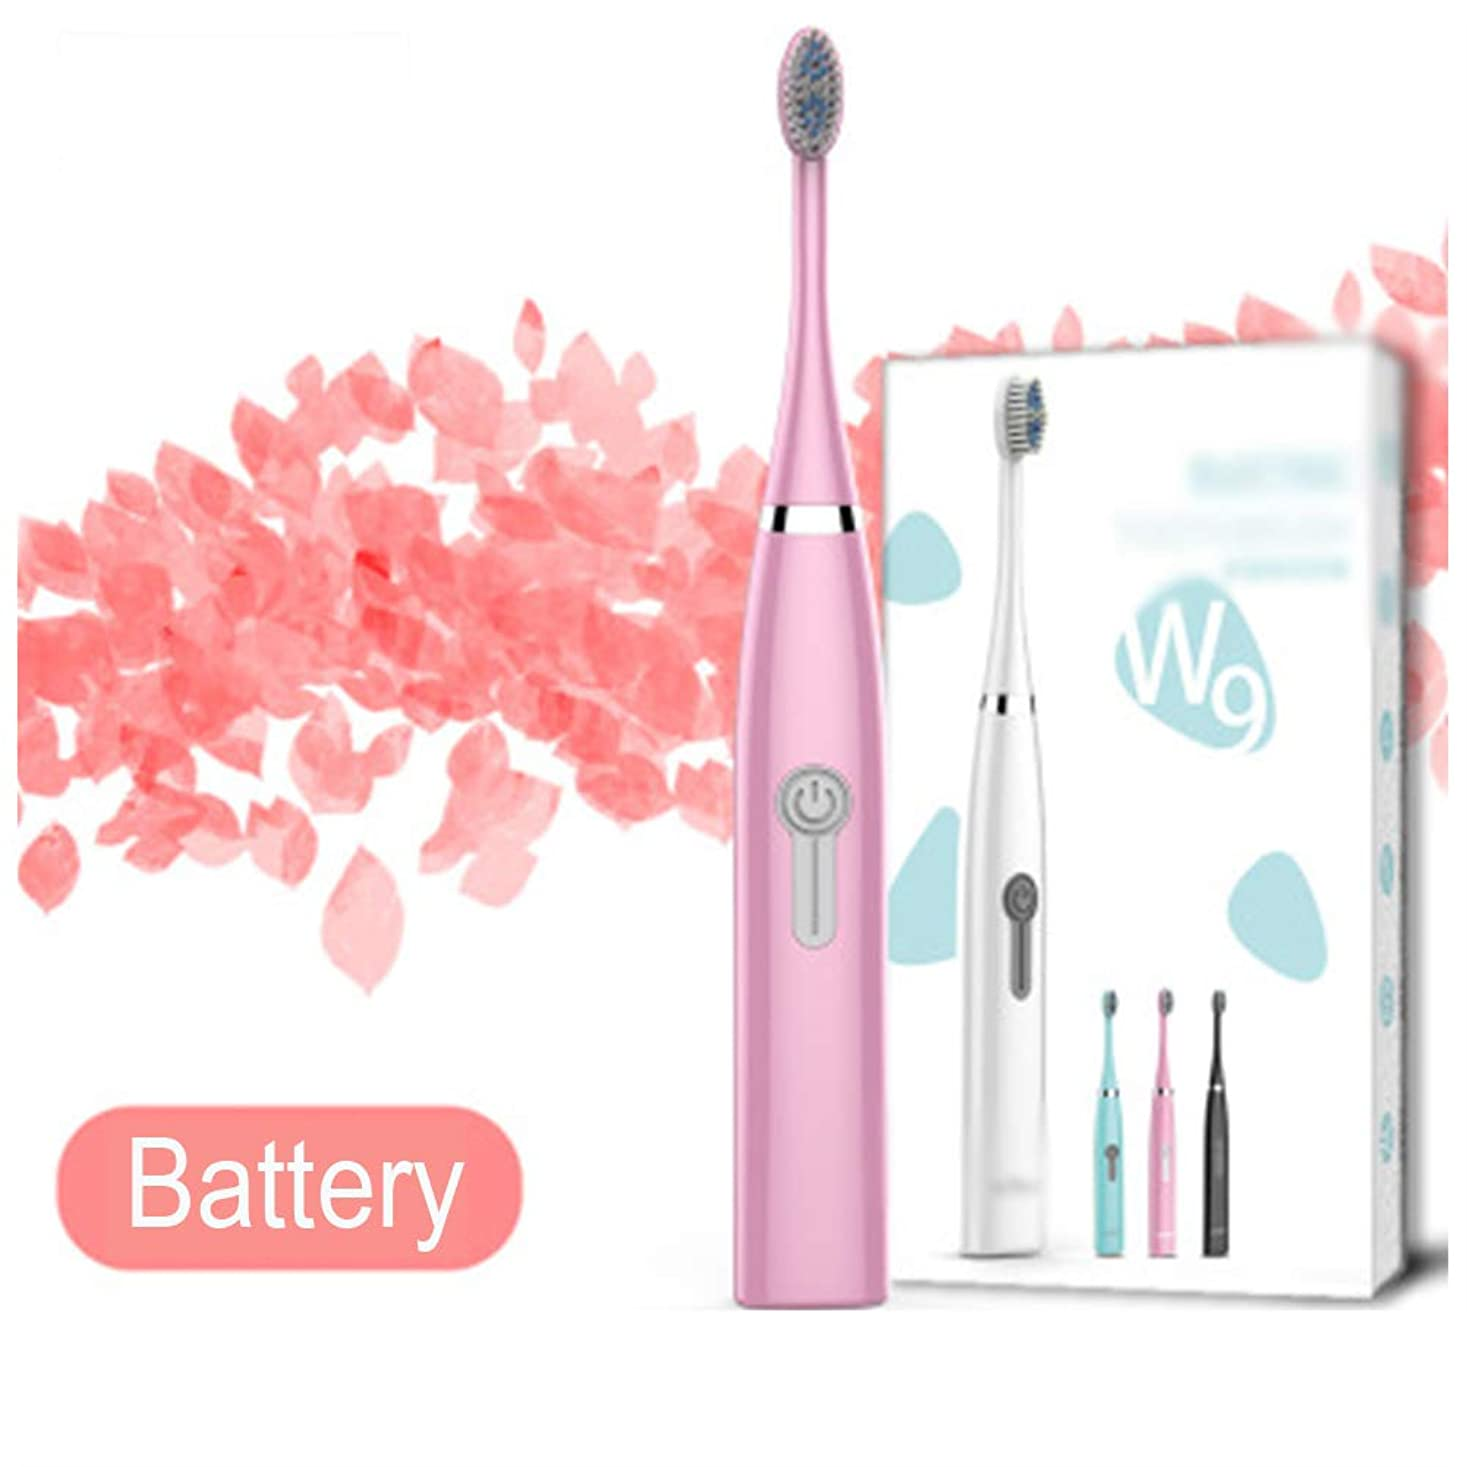 5モード電動歯ブラシソニック充電式歯ブラシで子供、大人、防水バッテリー歯ブラシで,B